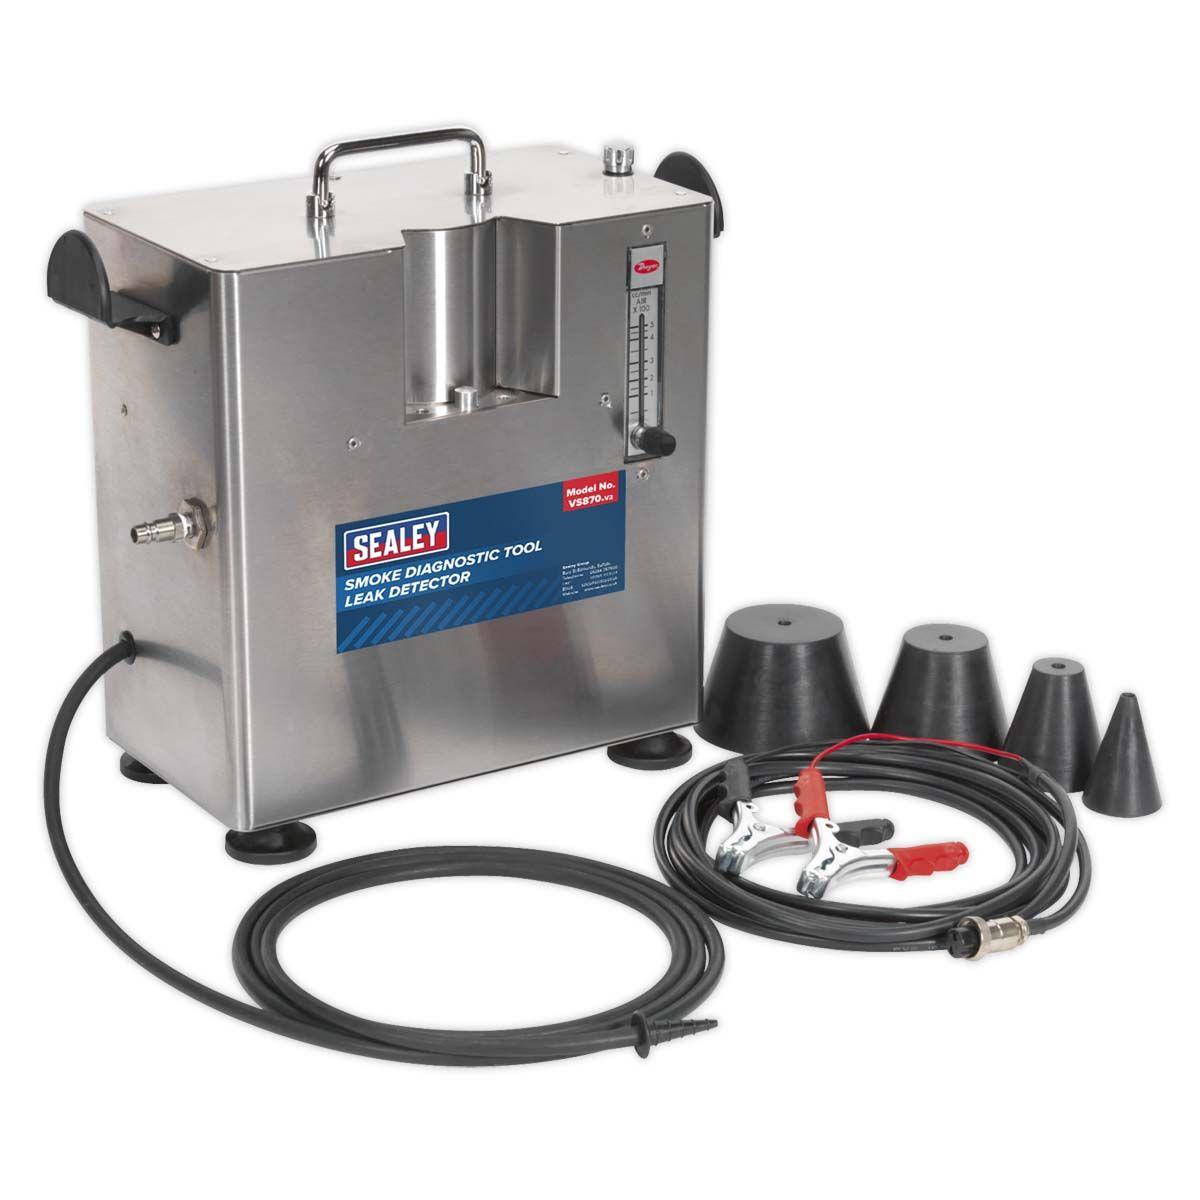 Sealey Smoke Diagnostic Tool - Leak Detector